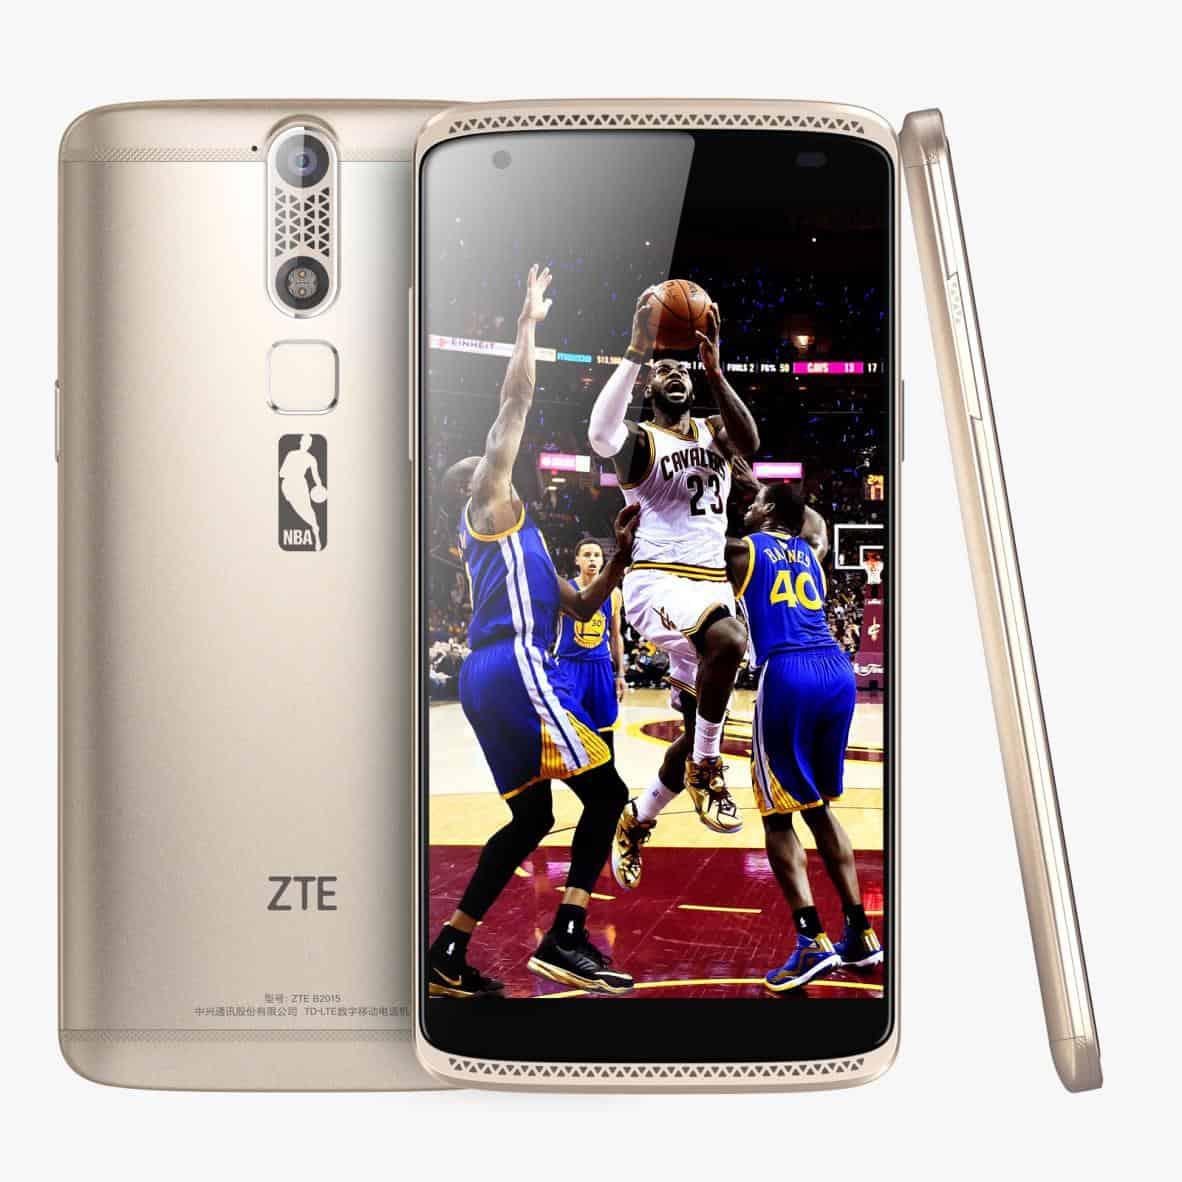 ZTE Axon Mini NBA edition_2